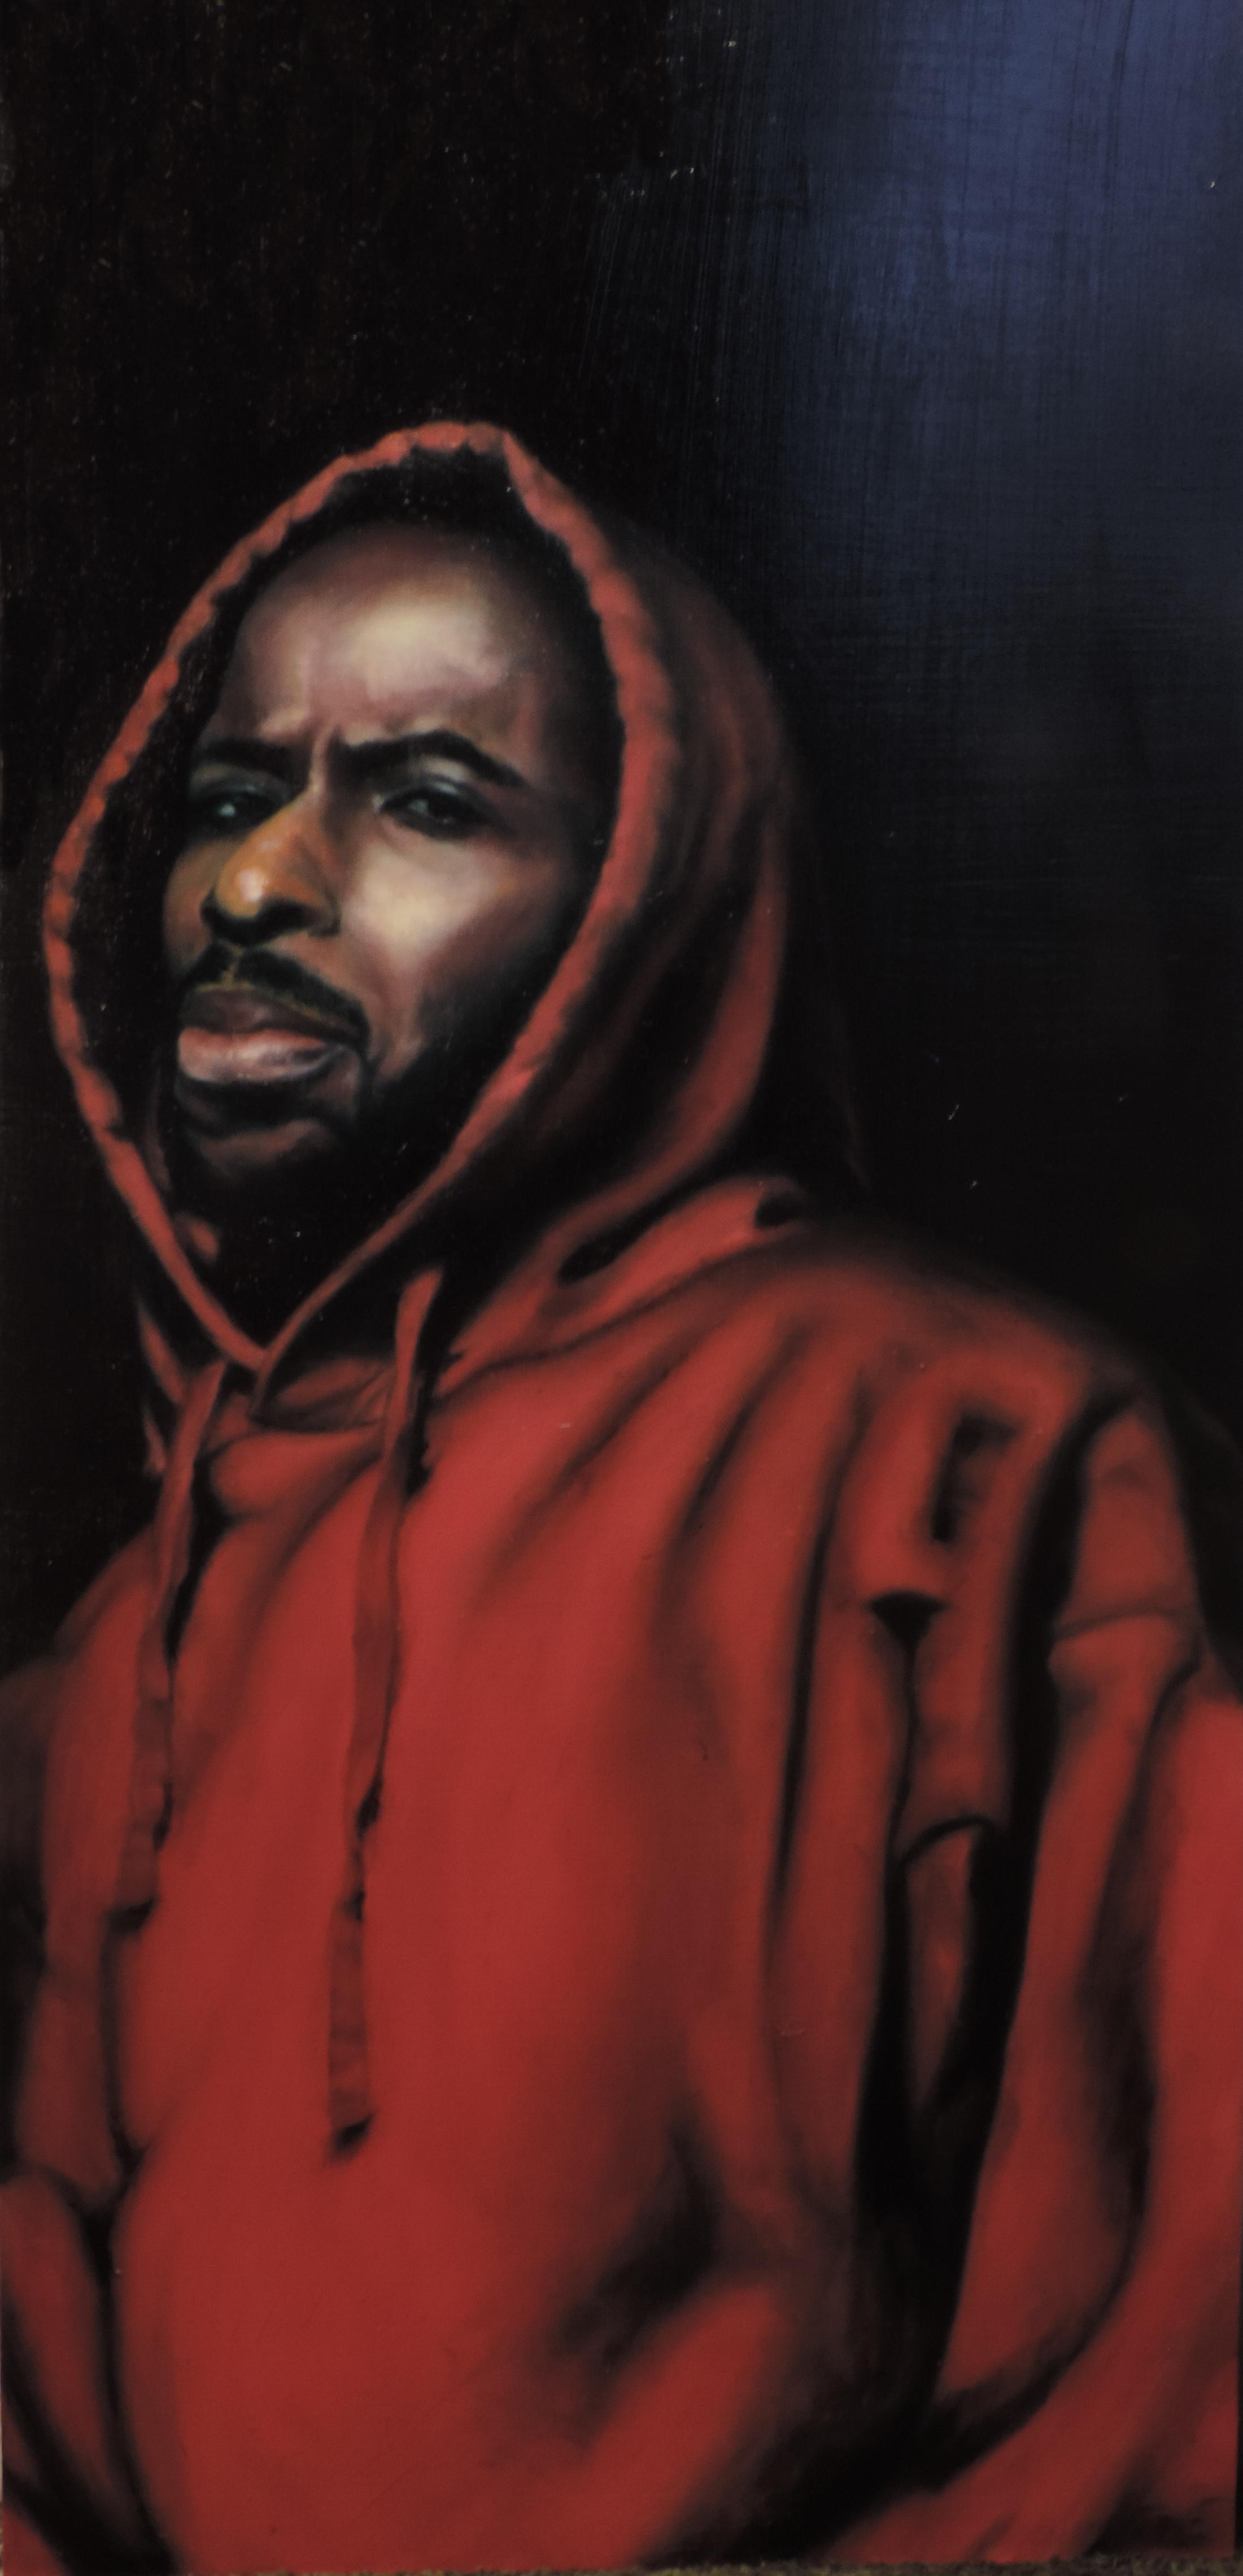 The Preacher, 2015. Oil on Panel. 4ft x 2.5ft